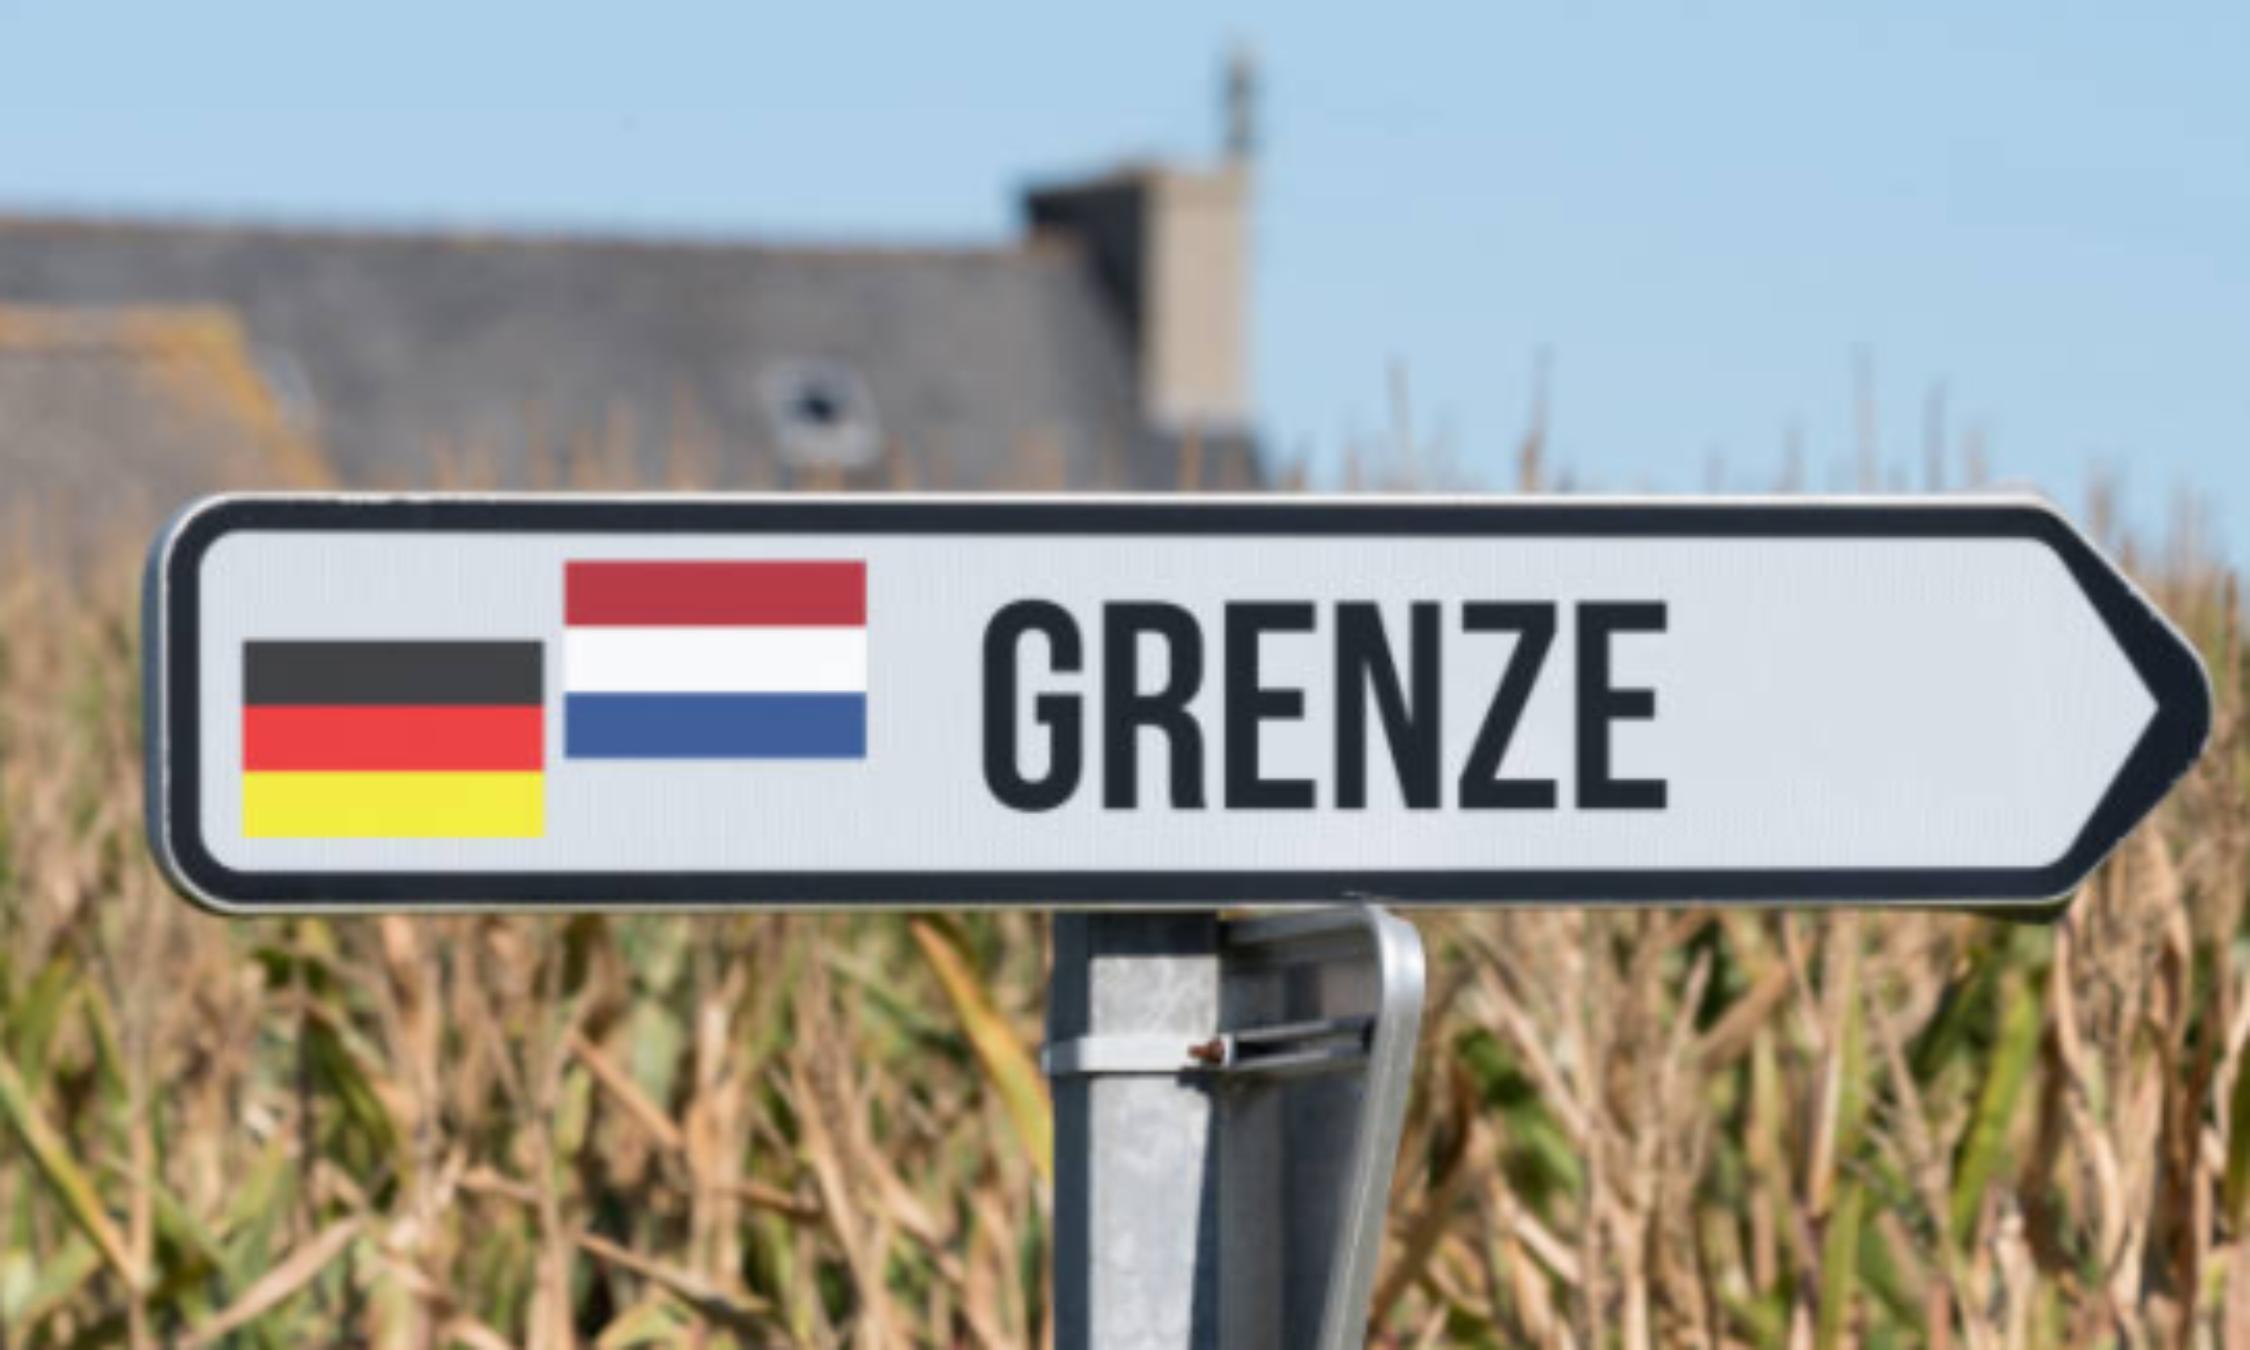 grenze niederlanden